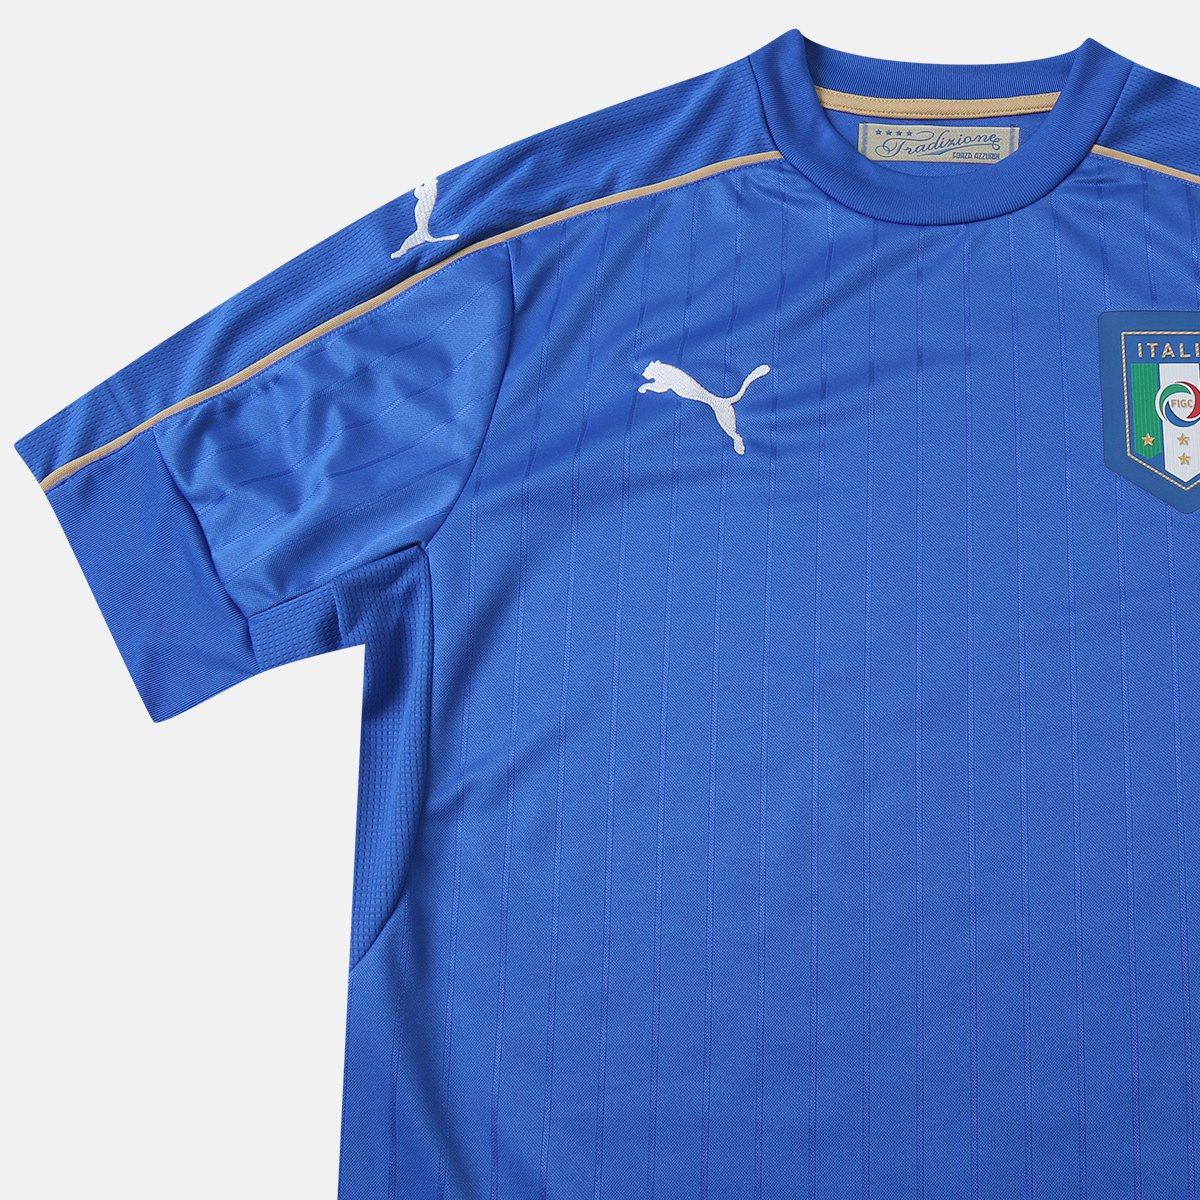 Camisa Seleção Itália Home s nº 2016 Torcedor Puma Masculina ... 937c3054ea5cc